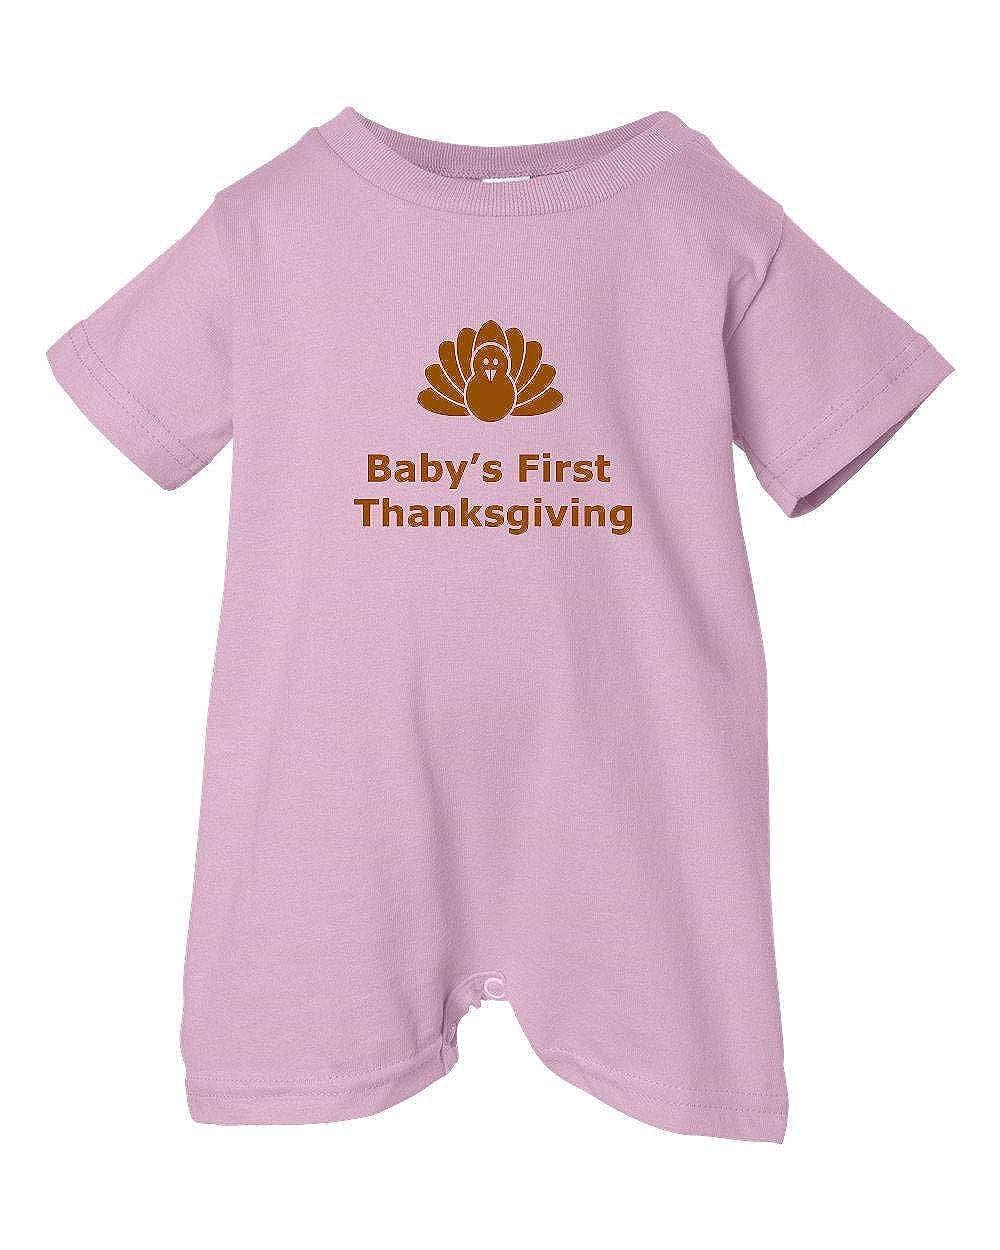 T-Shirt Romper Turkey Pink, 12 Months Festive Threads Unisex Baby Babys First Thanksgiving